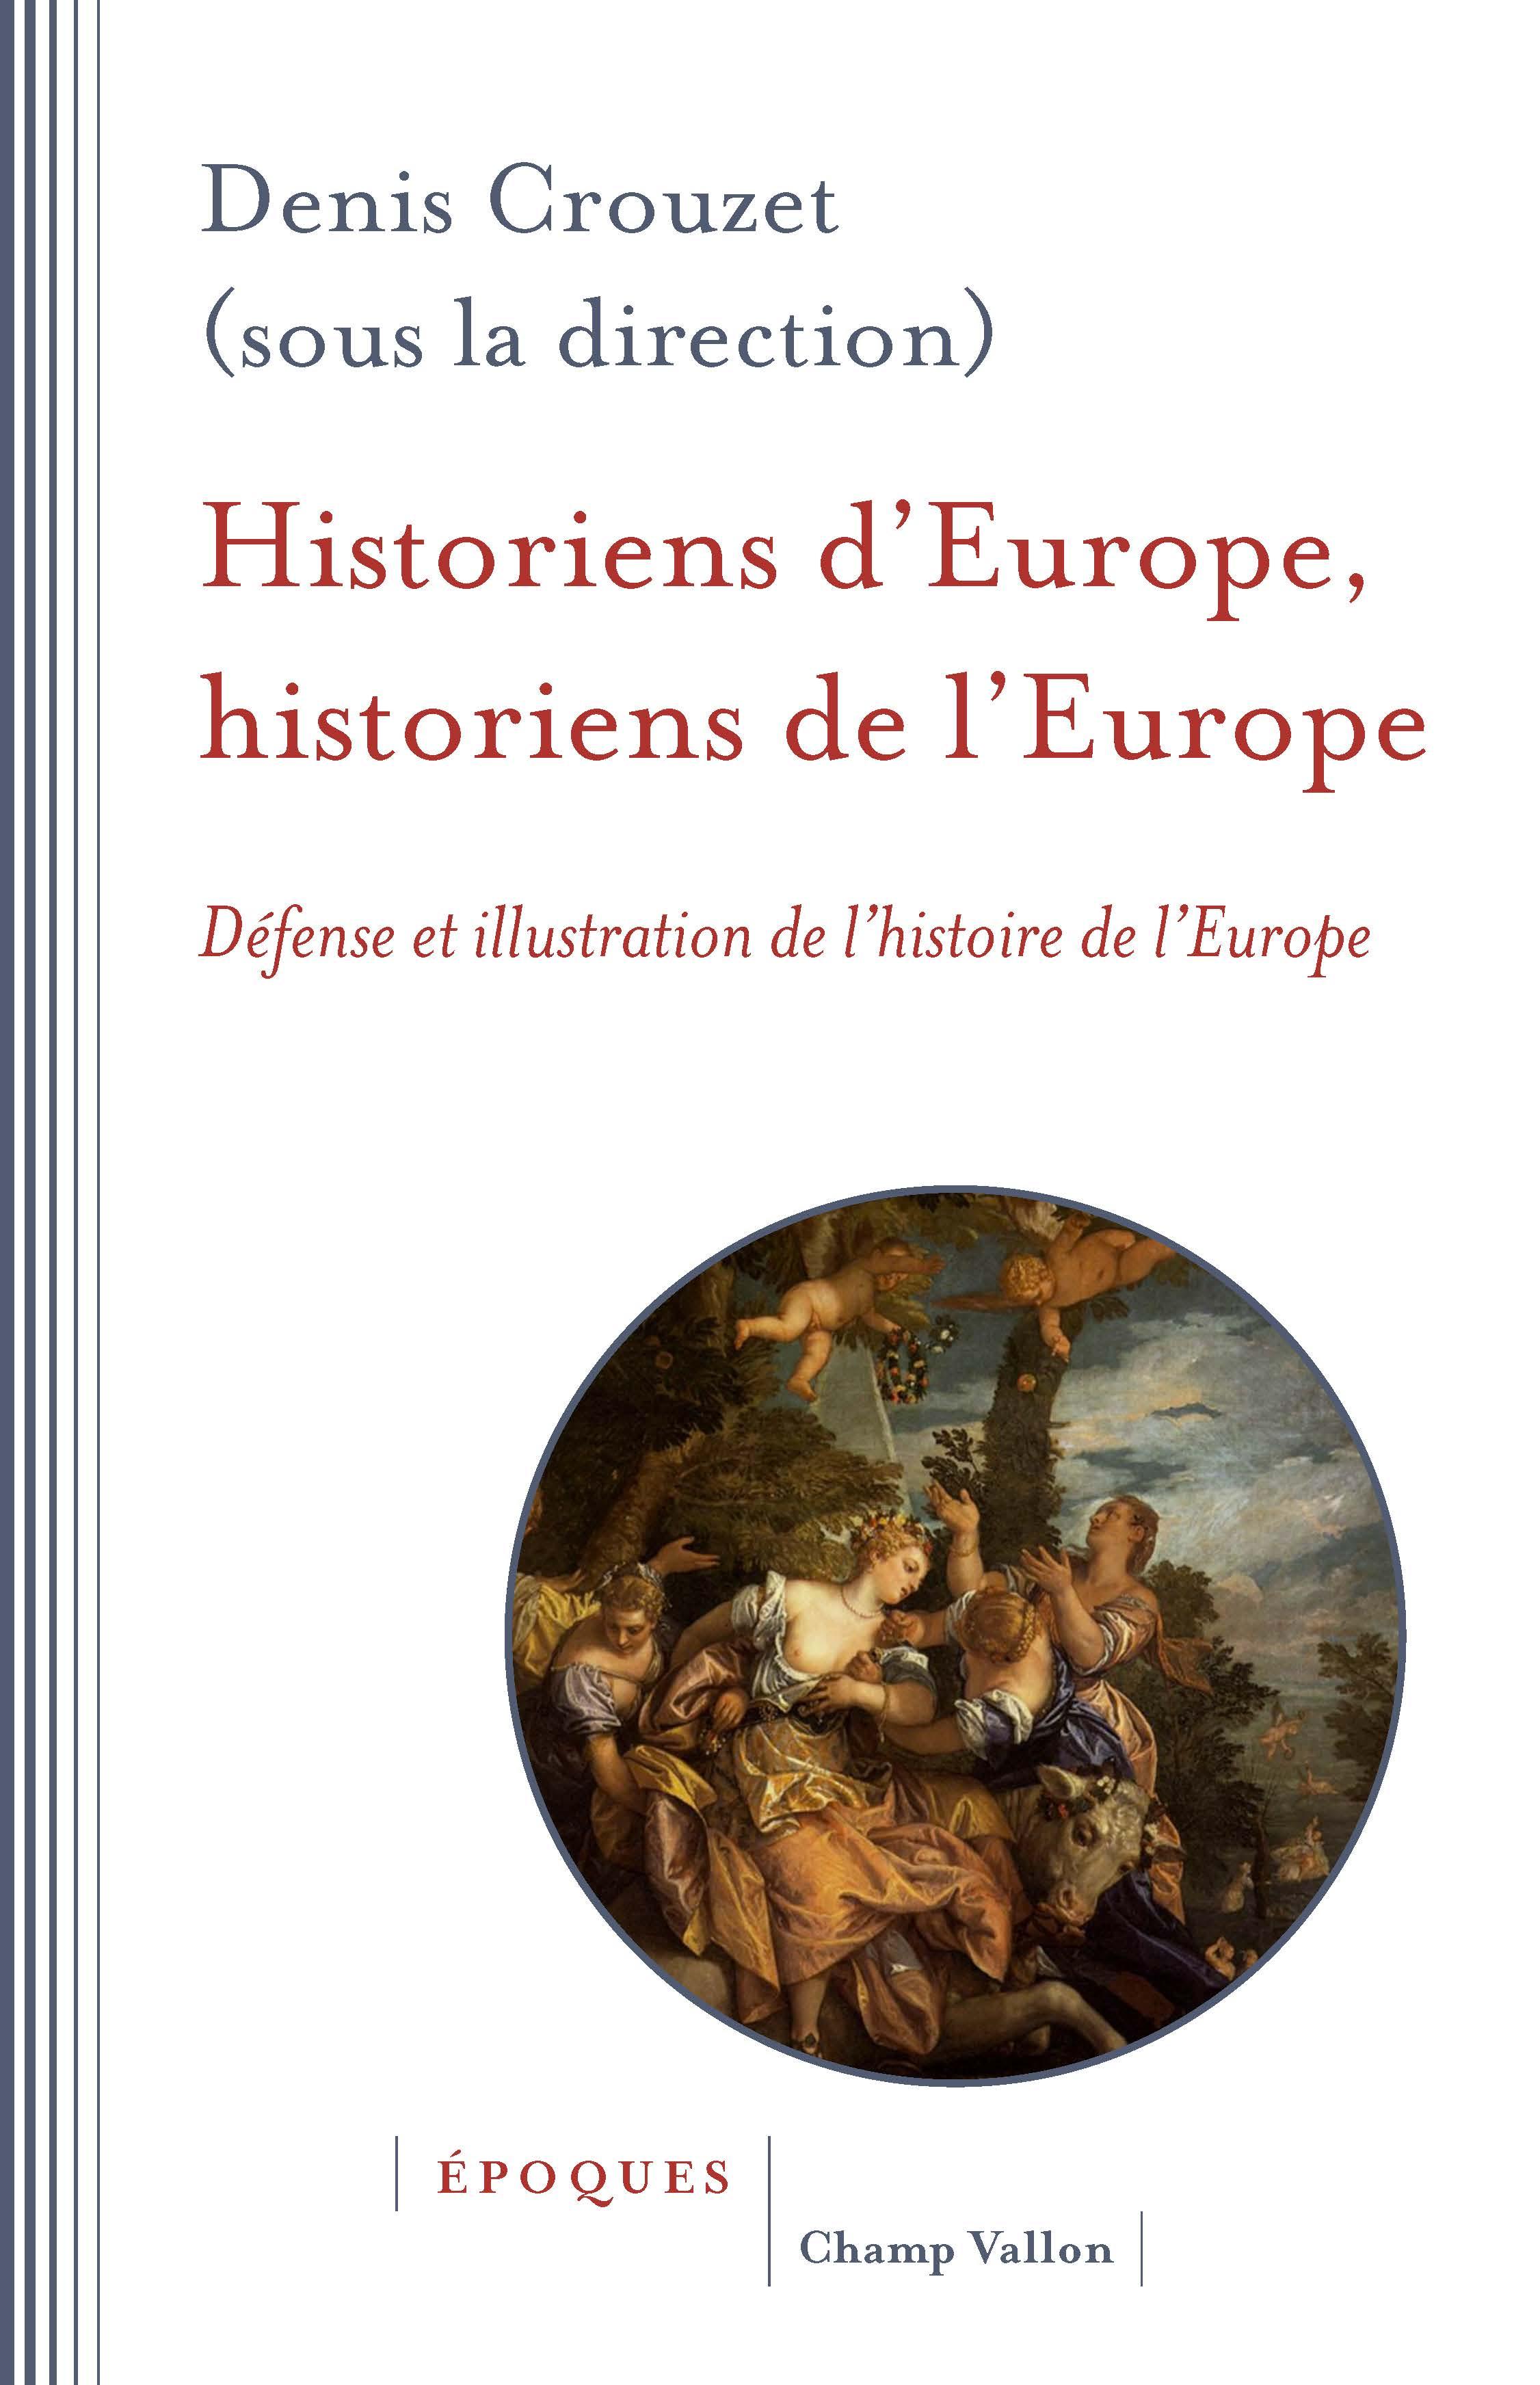 Historiens de l'Europe Crouzet